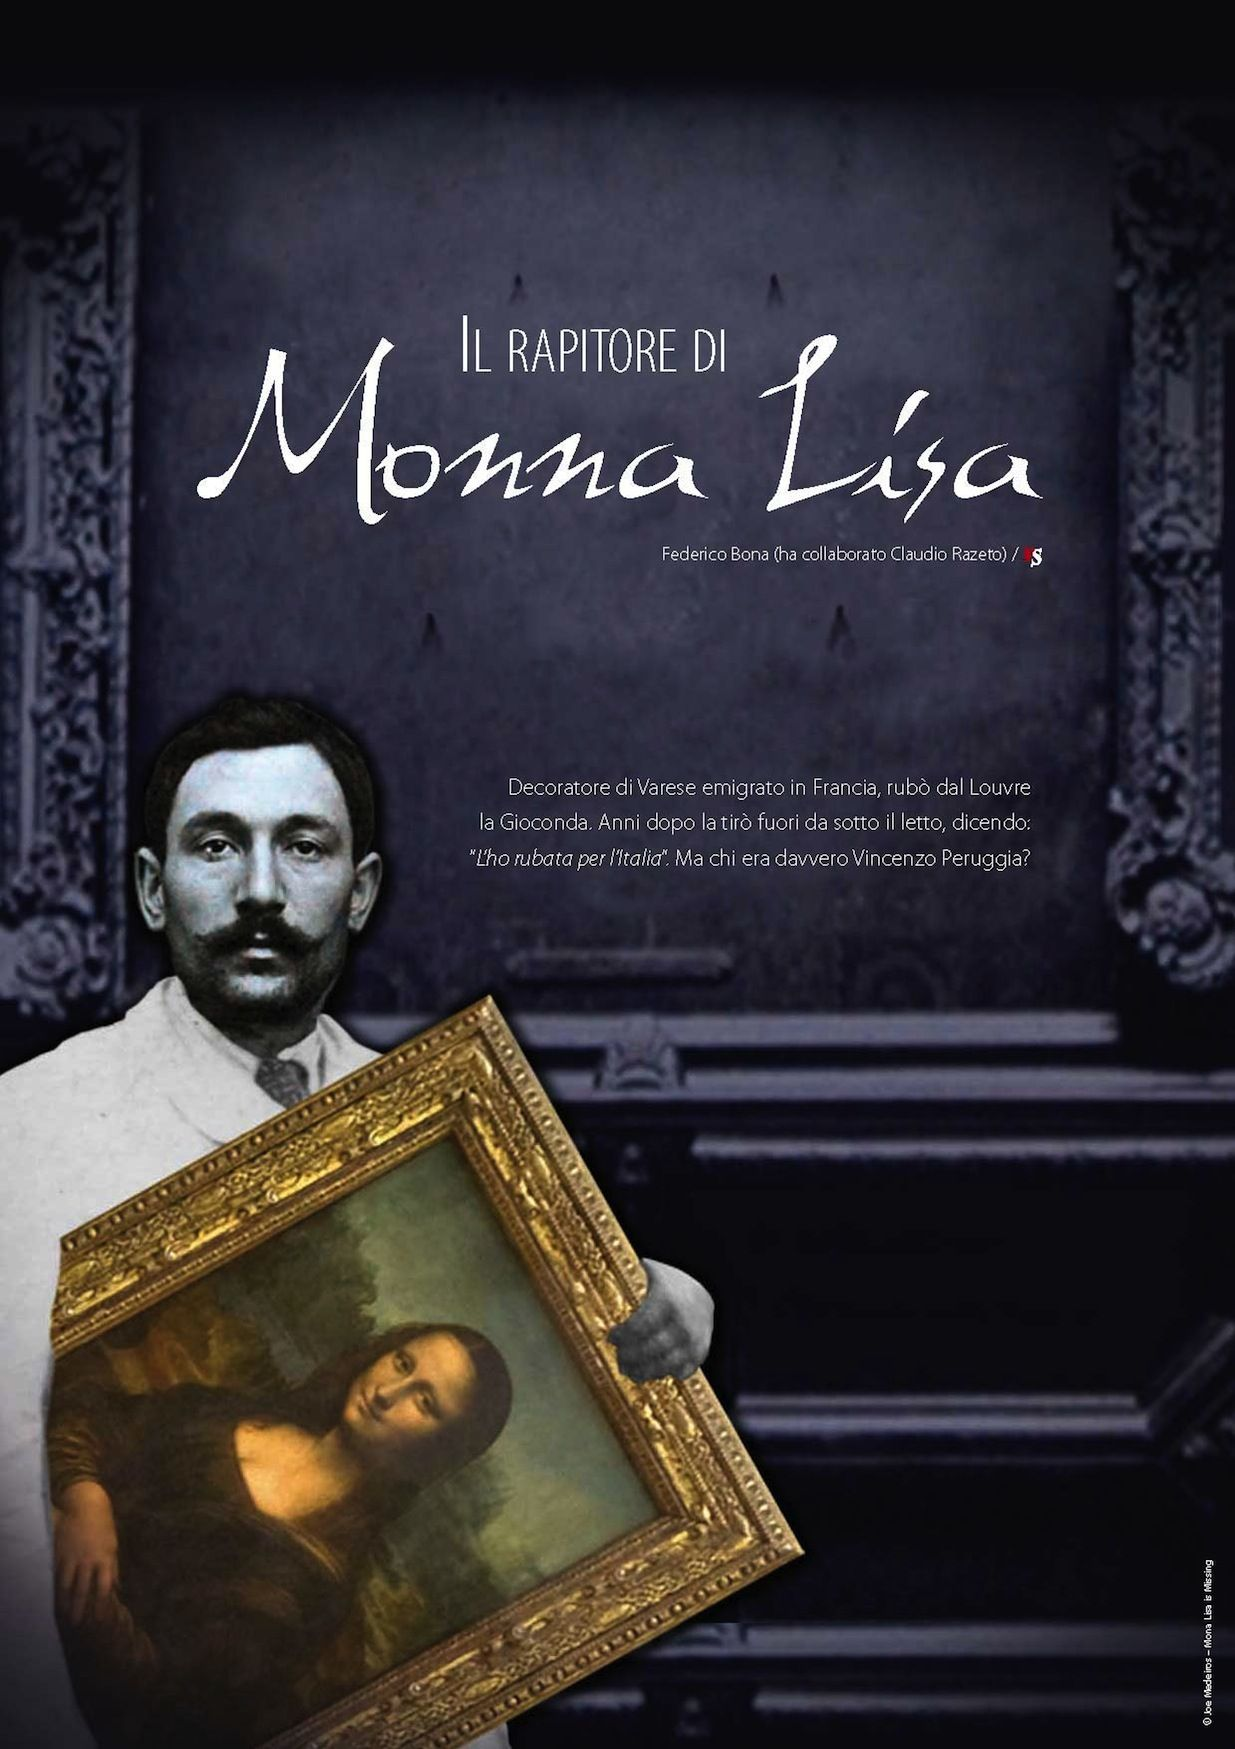 """Il rapitore di Monna Lisa. Decoratore di Varese emigrato in Francia, rubò dal Louvre la Gioconda. Anni dopo la tirò fuori da sotto il letto, dicendo: """"L'ho rubata per l'Italia"""". Ma chi era davvero Vincenzo Peruggia?"""